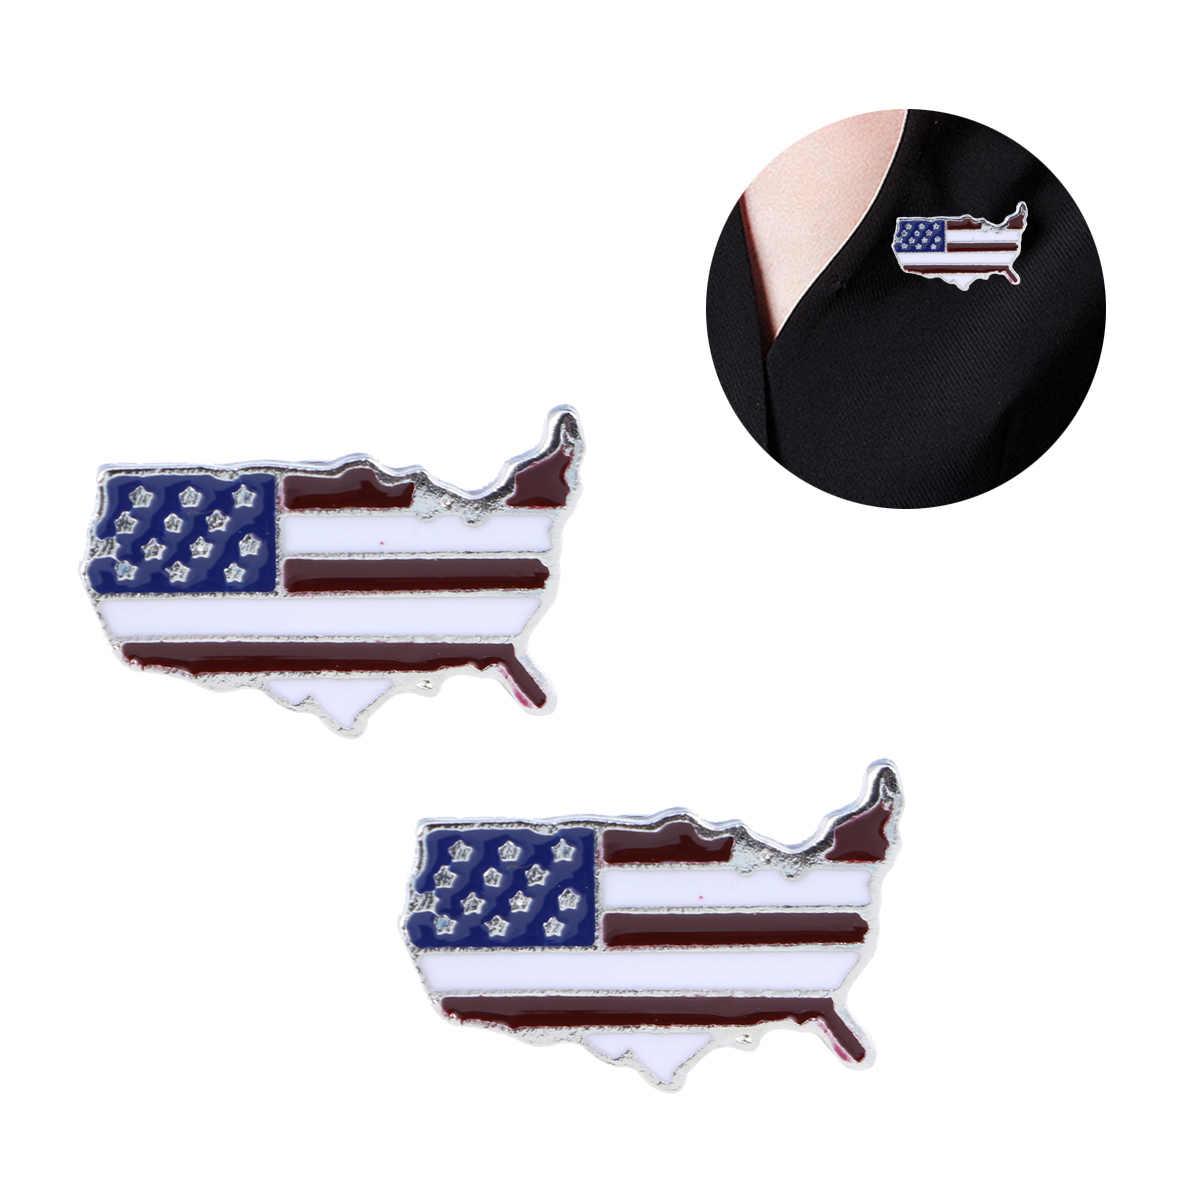 2 pcs Bandiera Americana Spilla Creativo Decorativo Della Lega USA Bandiera Spilla USA Flag Spilli Bandiera Americana Spilli Risvolto Spille per delle Donne degli uomini